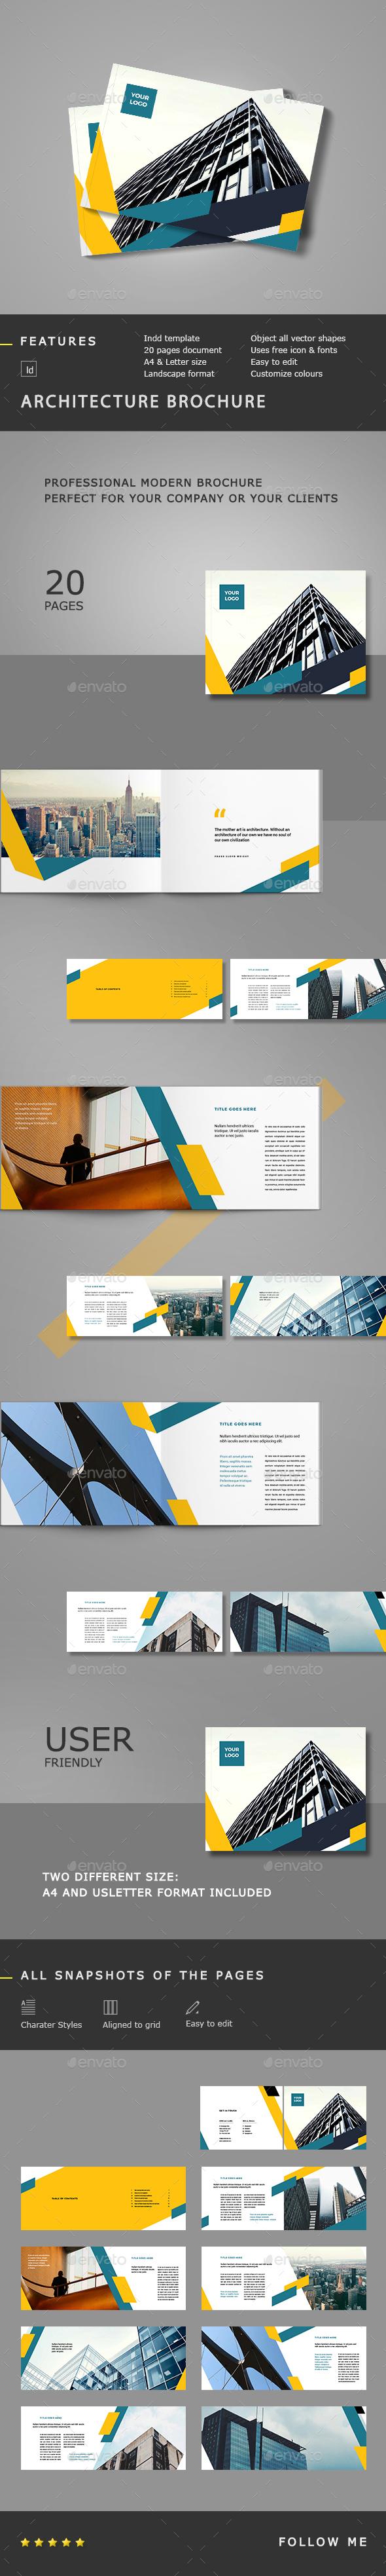 Architecture Landscape Brochure - Brochures Print Templates